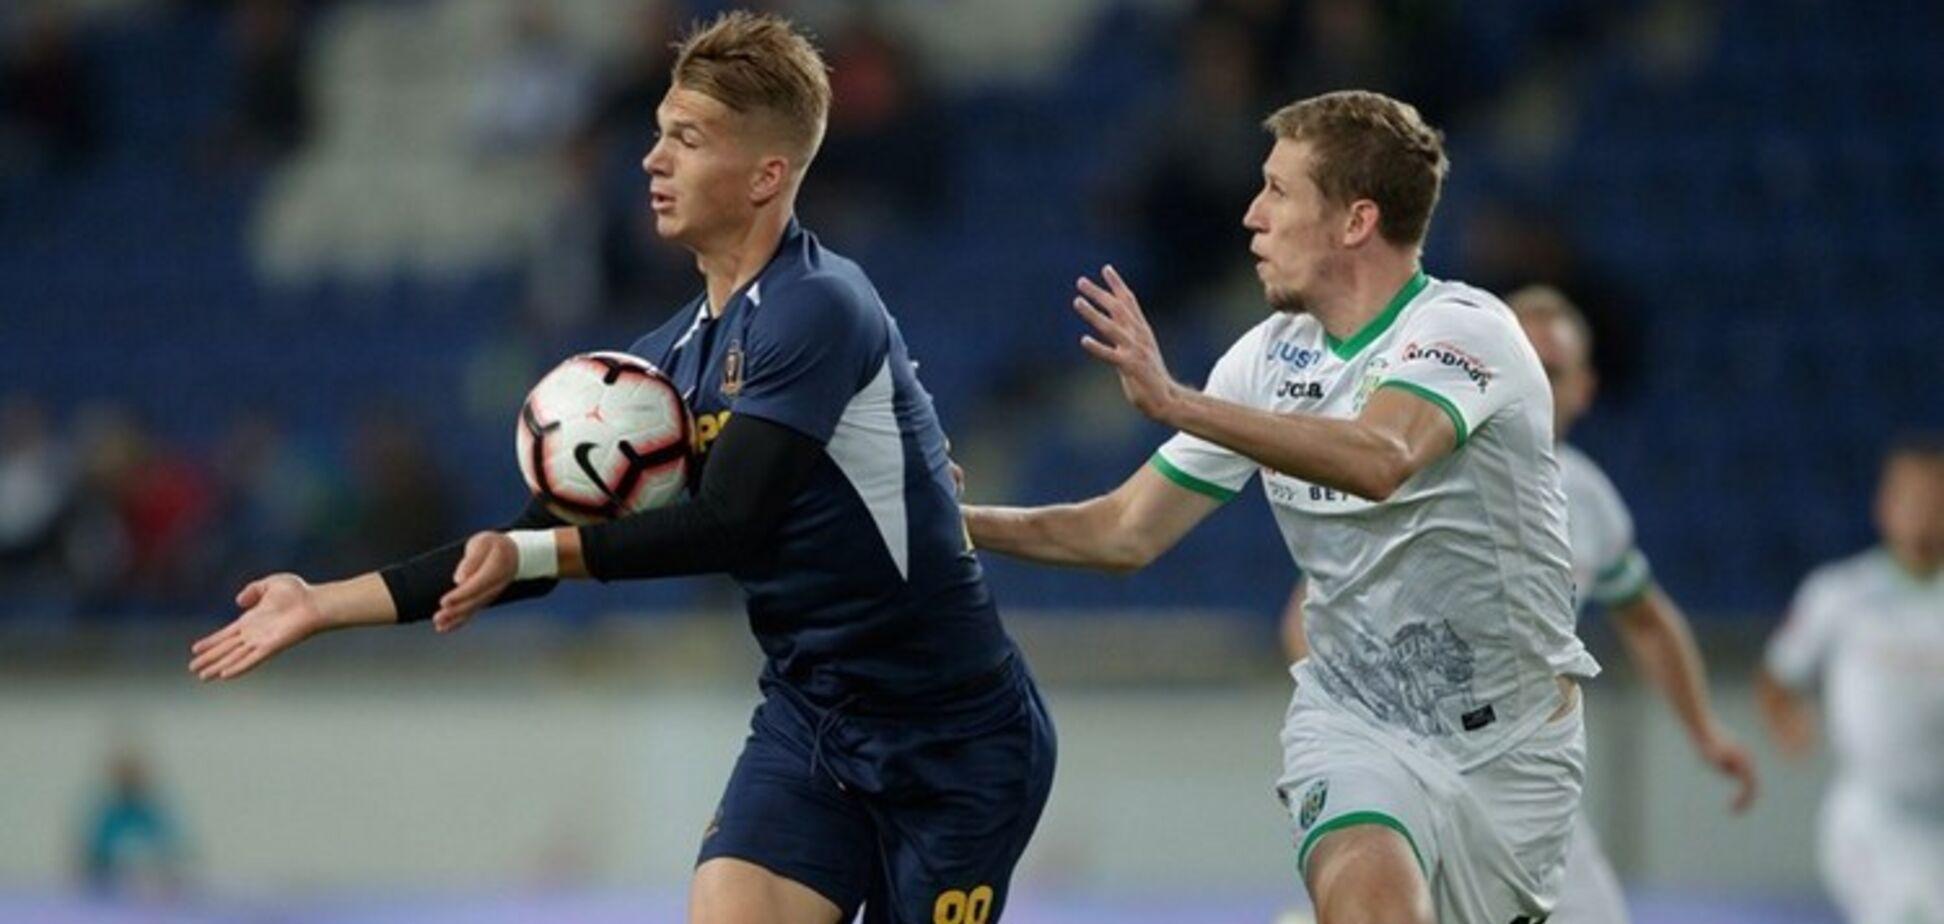 'Этим все сказано': чемпион мира U-20 'передал привет' Хацкевичу